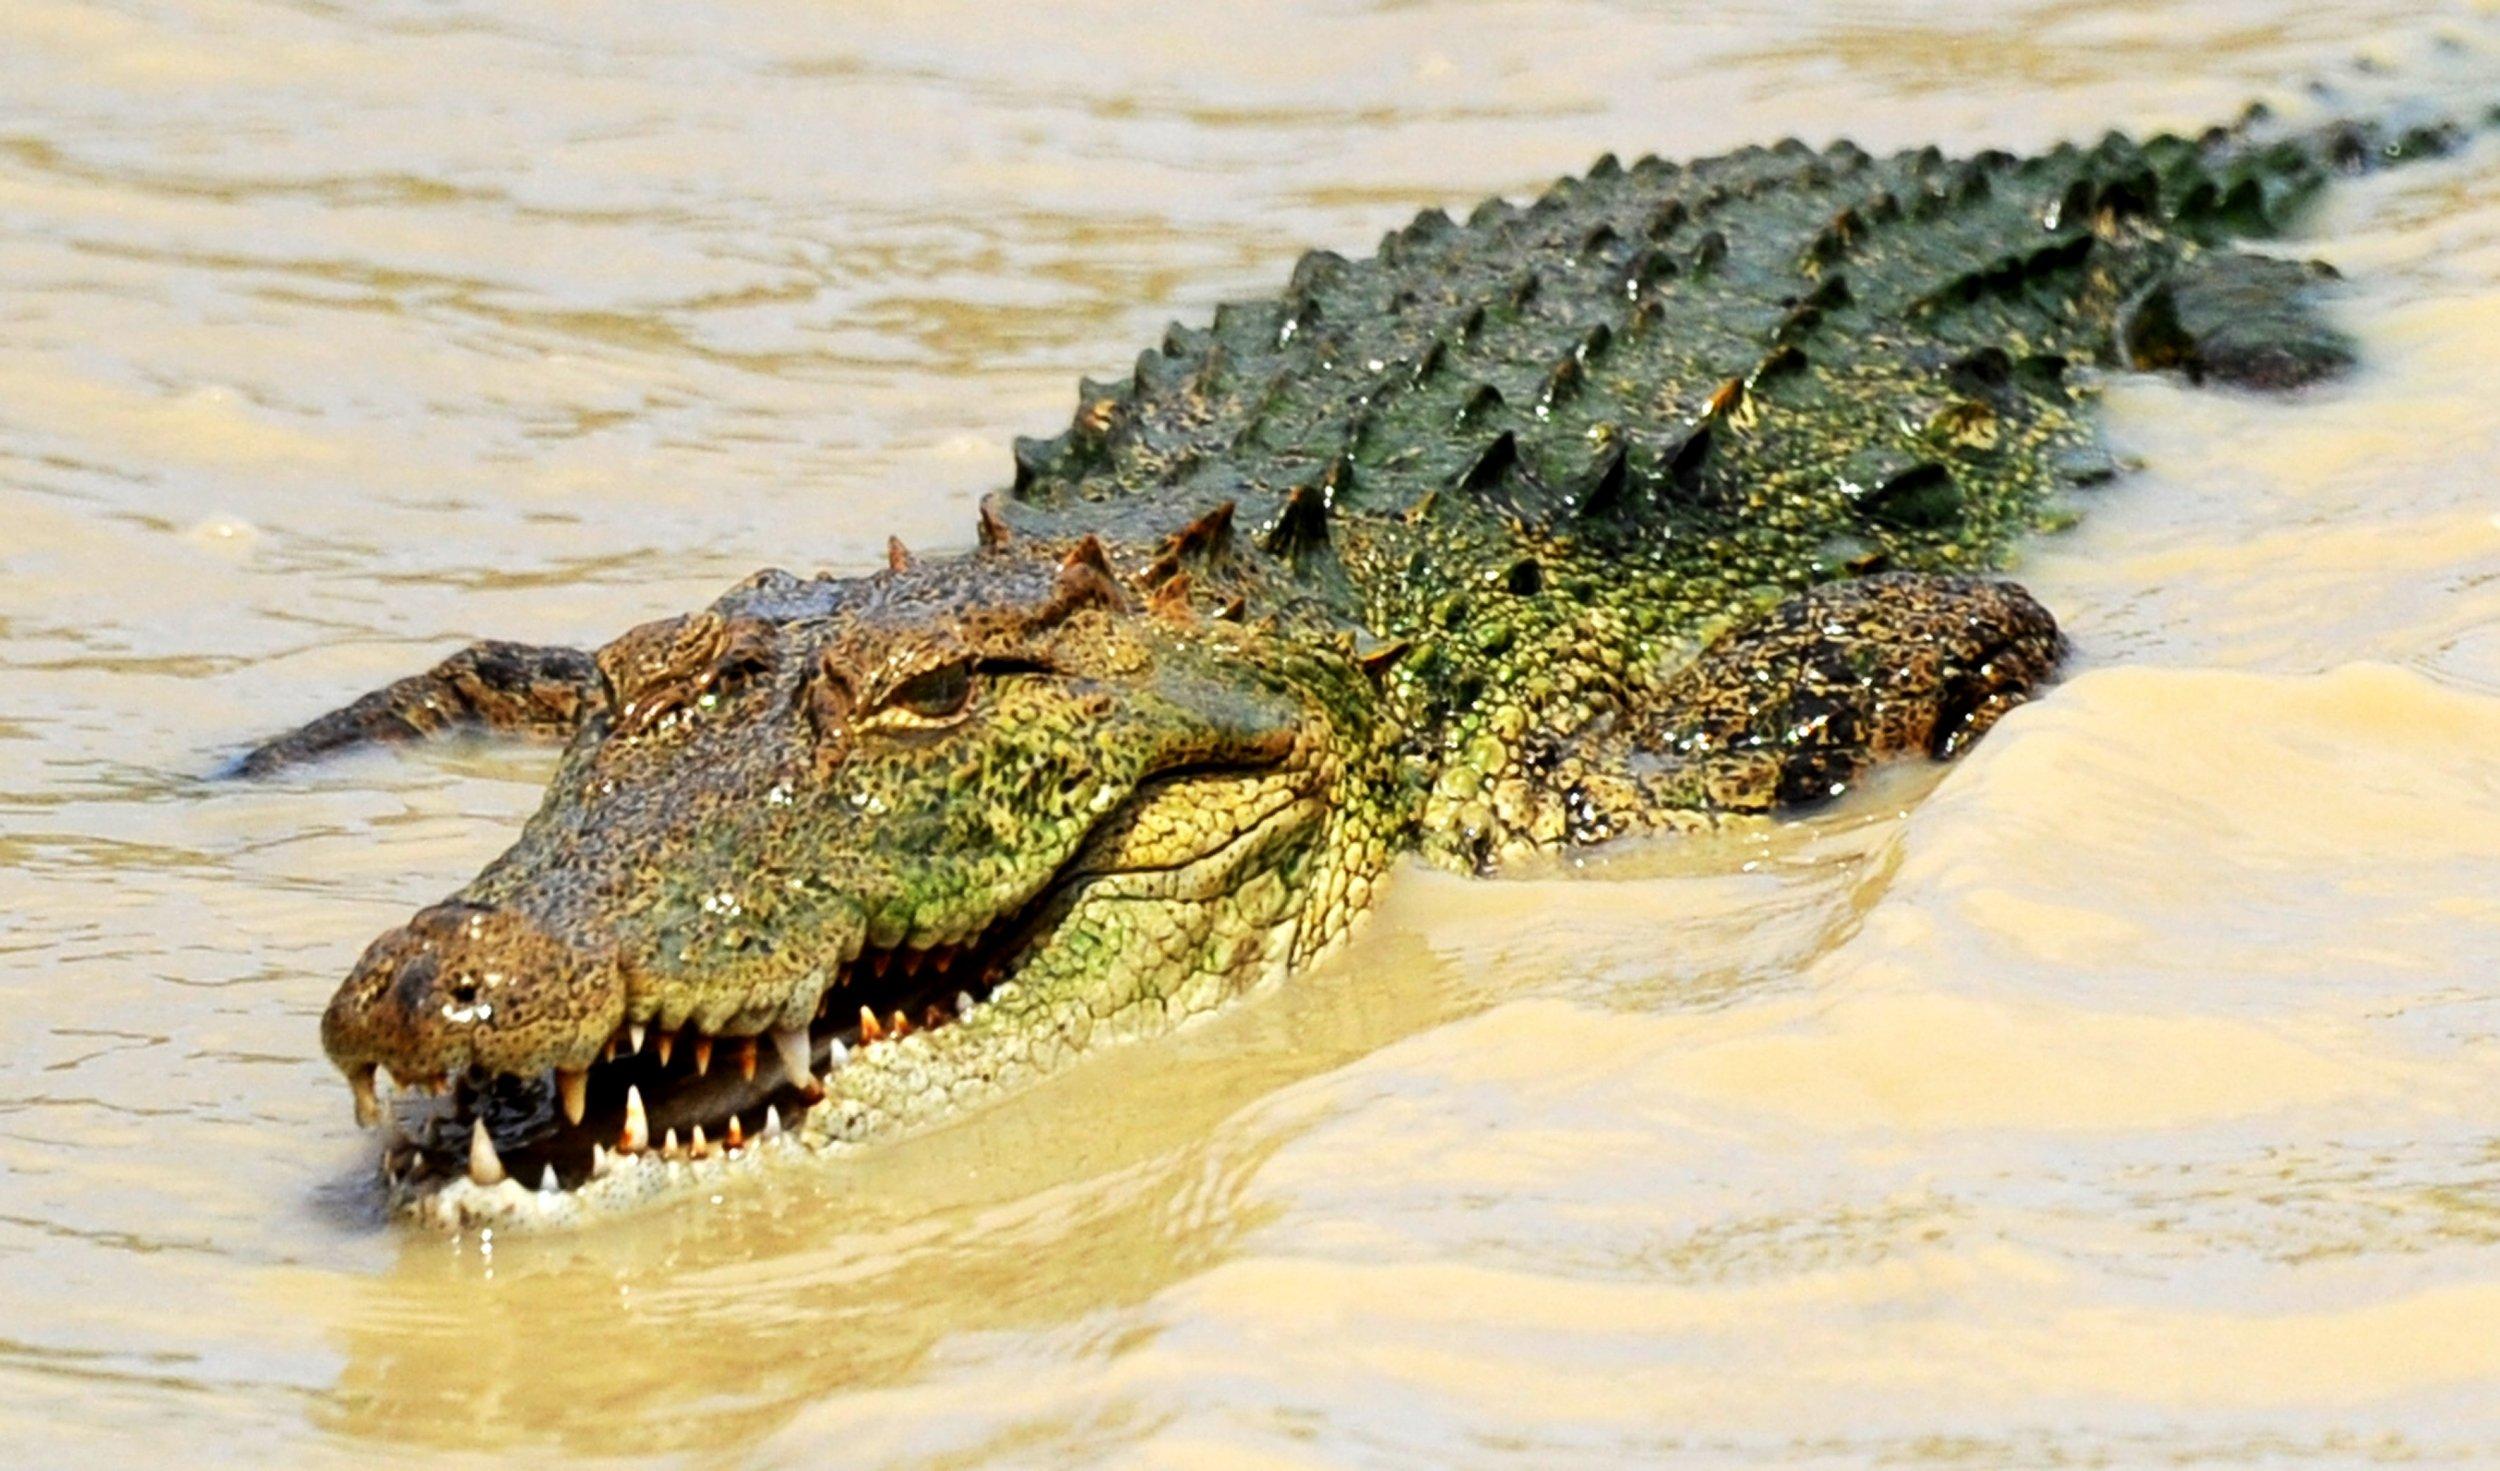 09_15_crocodile_SriLanka